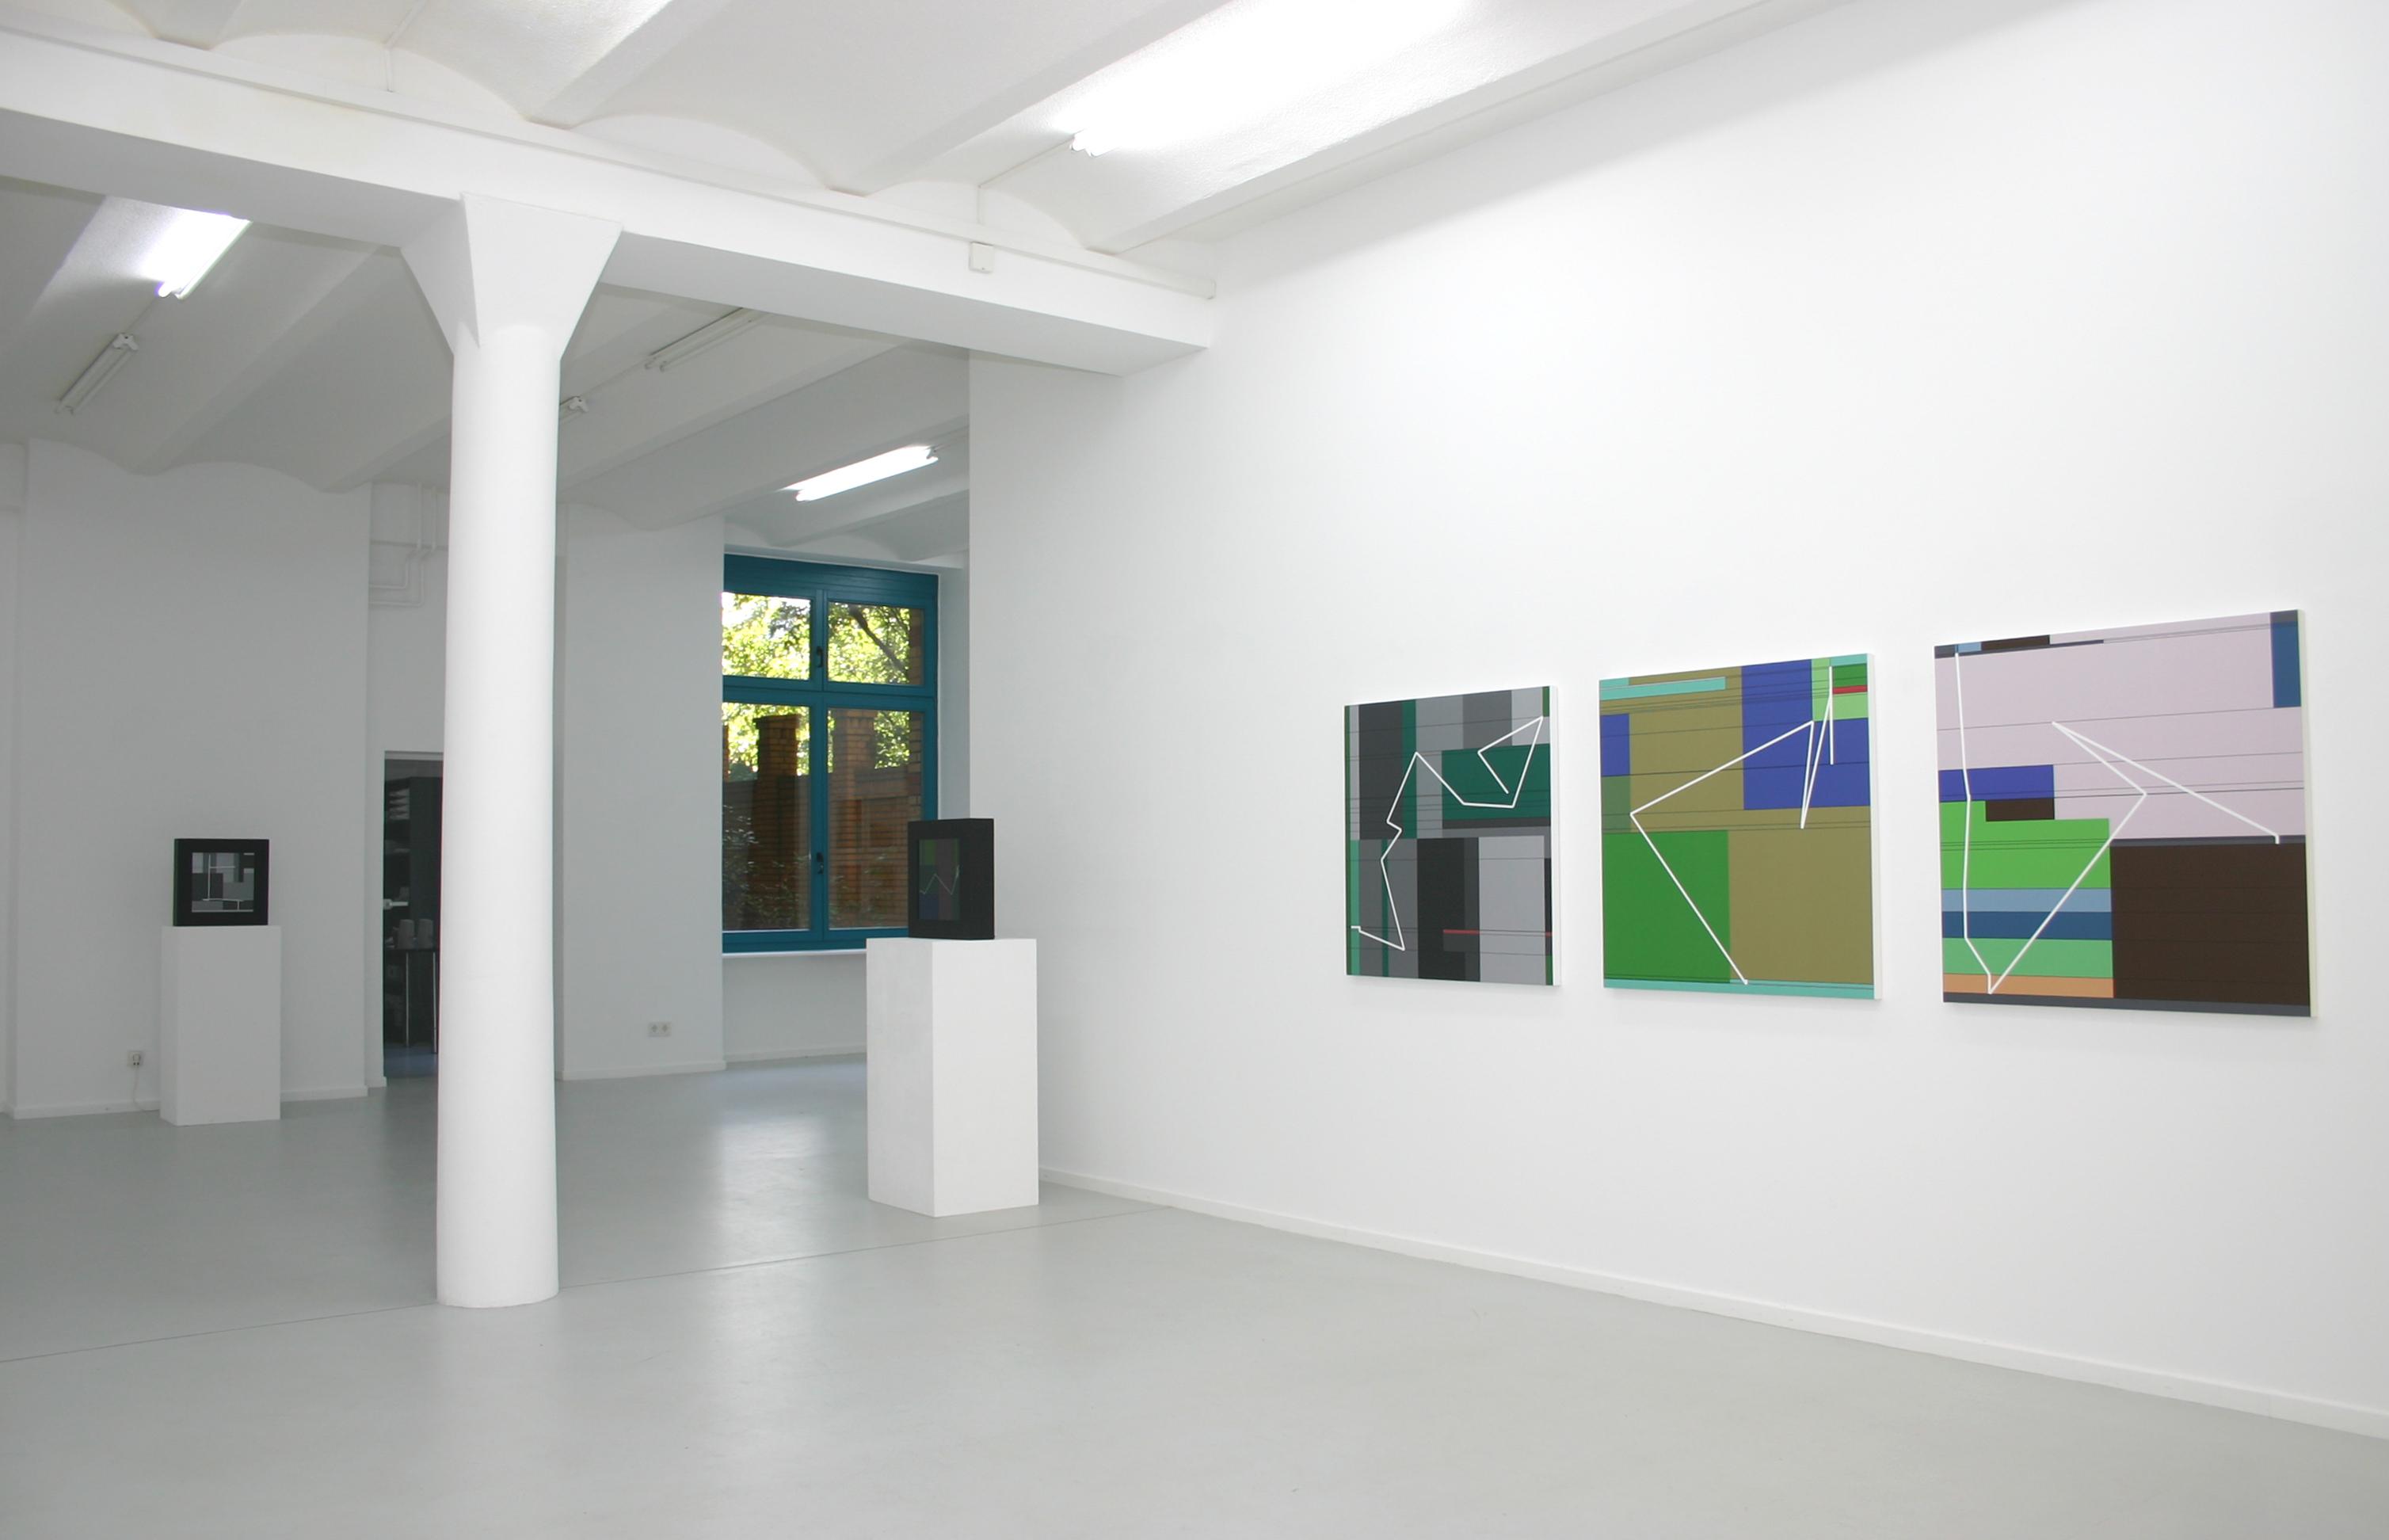 Manfred Mohr, Artificiata II, 2013, Ausstellungsansicht